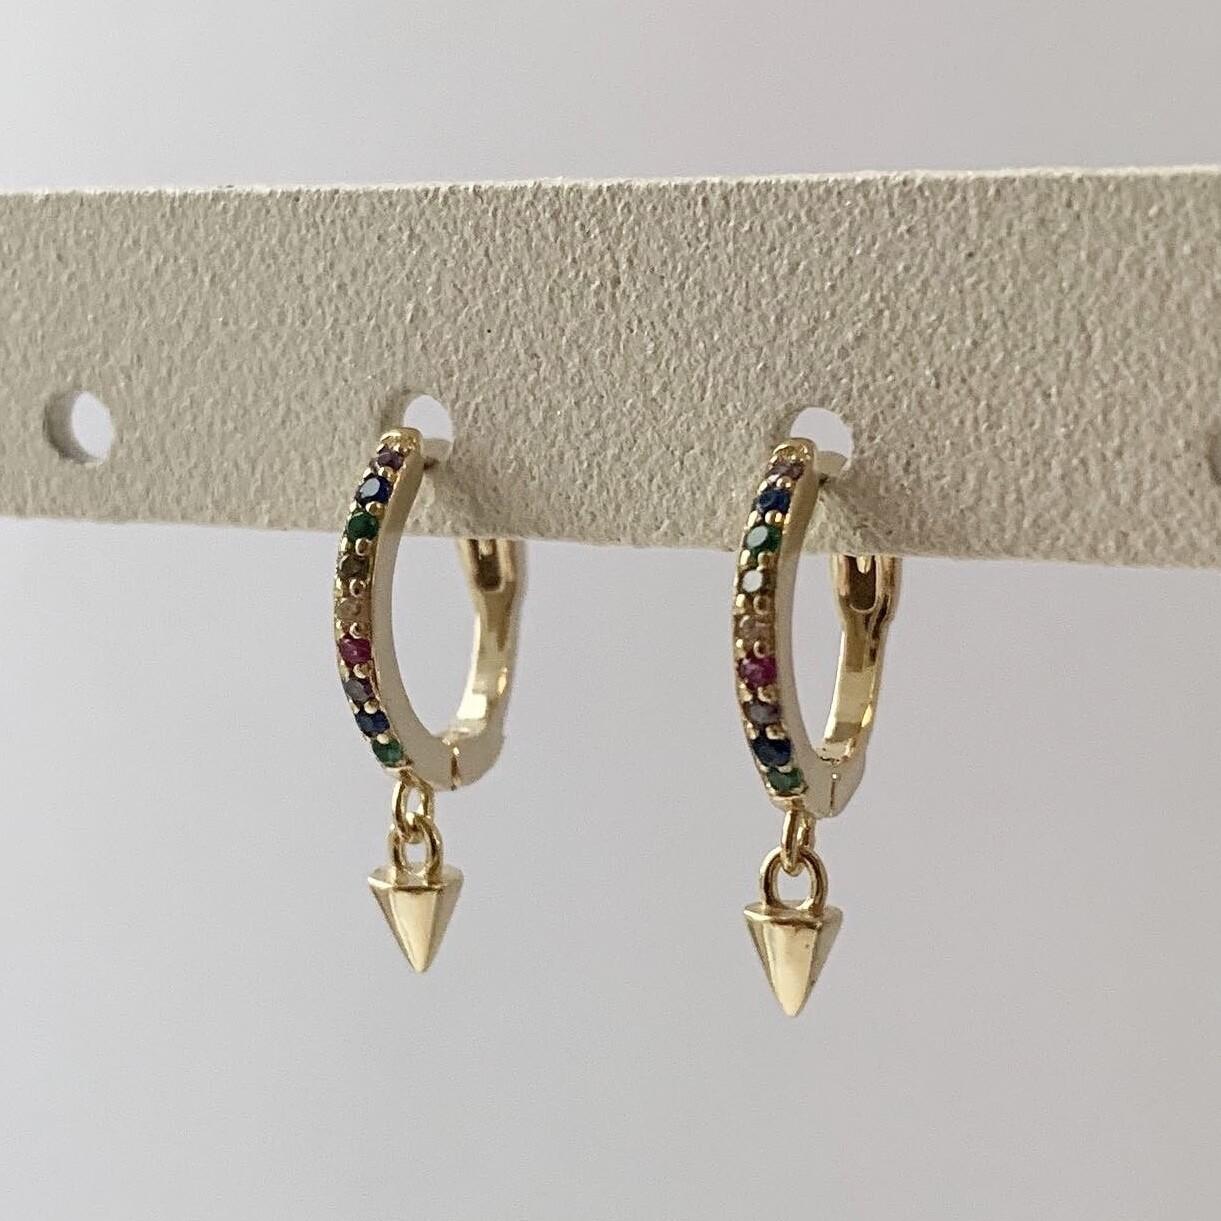 Rainbow oorringetjes met spike hangertje goud/925 sterling zilver